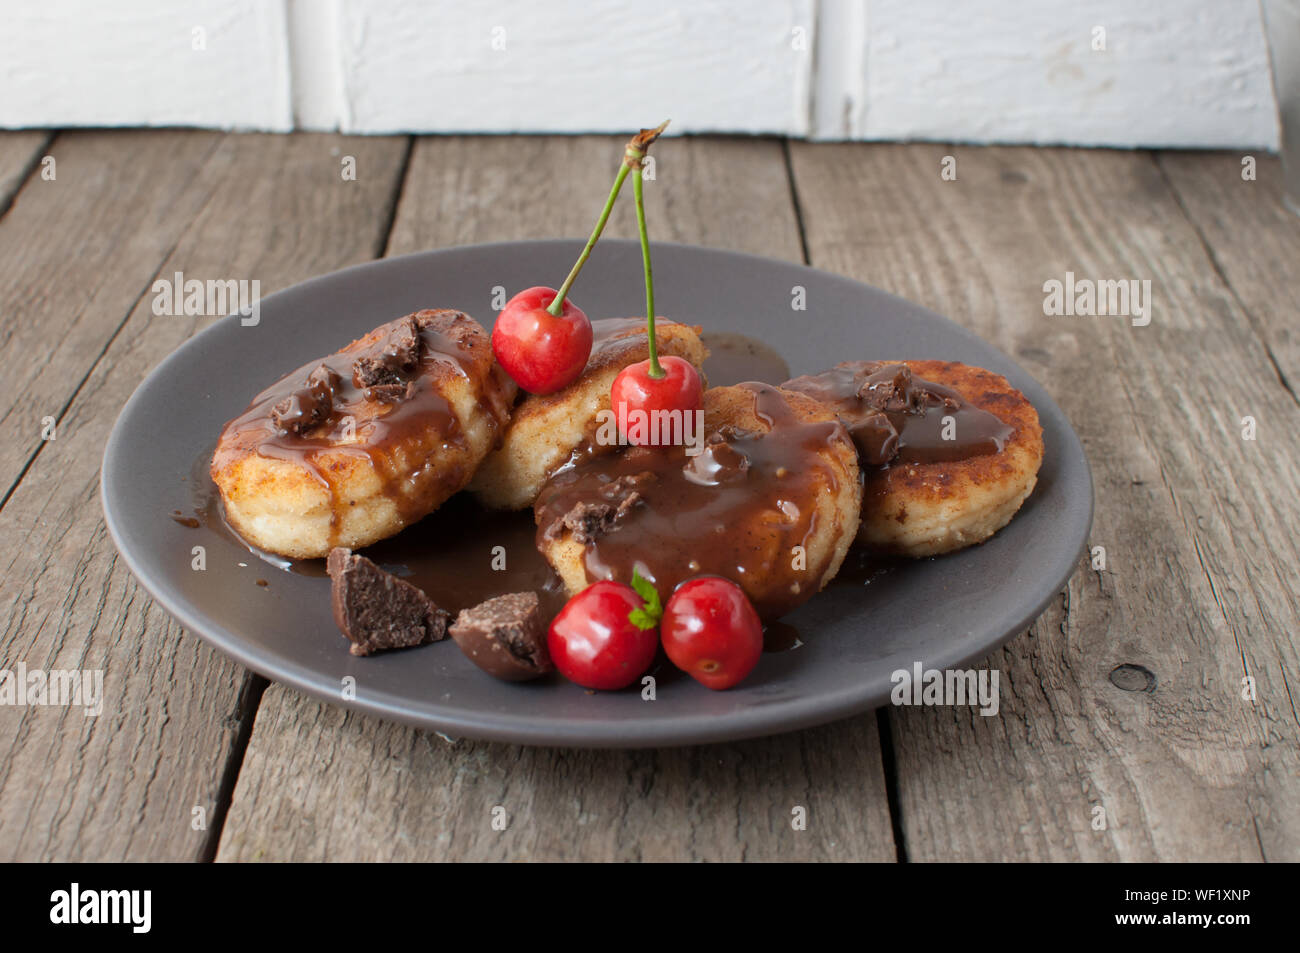 Colazione Gourmet - frittelle di cagliata, cheesecake, cagliata frittelle con ciliegie e cioccolato in una piastra di marrone. Salubre dessert su una tavola di legno in un r Foto Stock